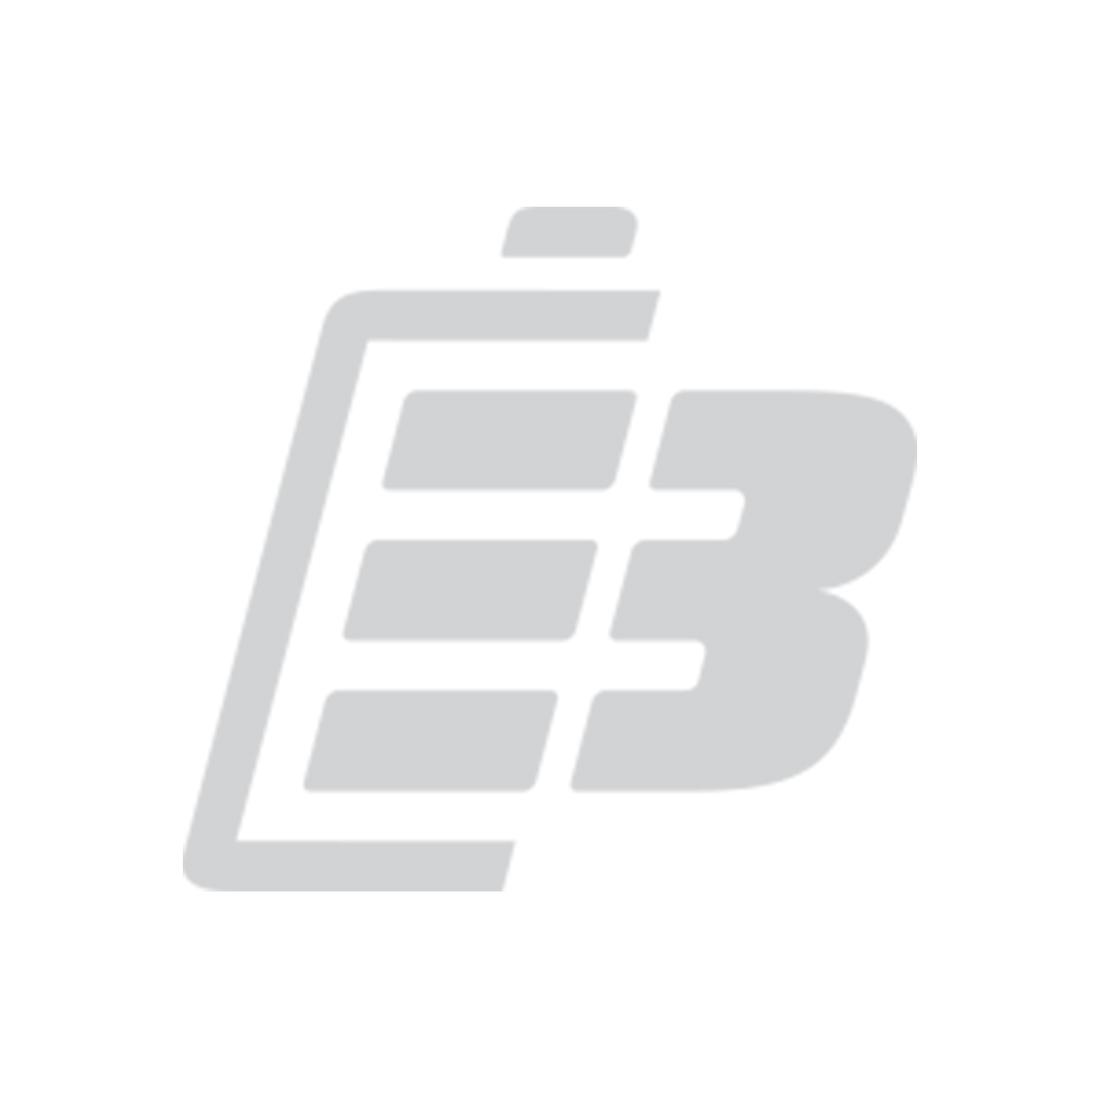 Wireless headset battery Bose QC3_1